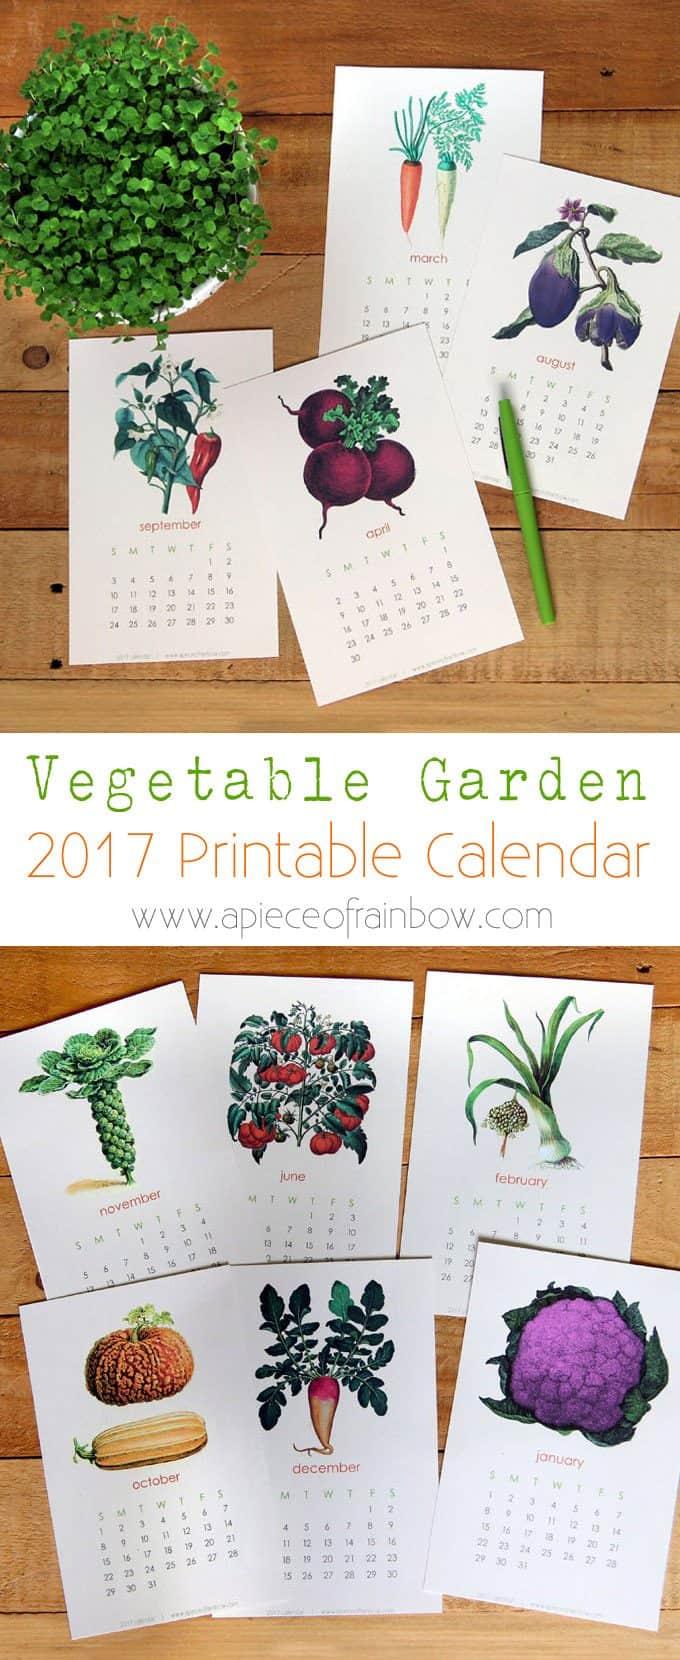 2017-printable-vegetable-garden-calendar-1